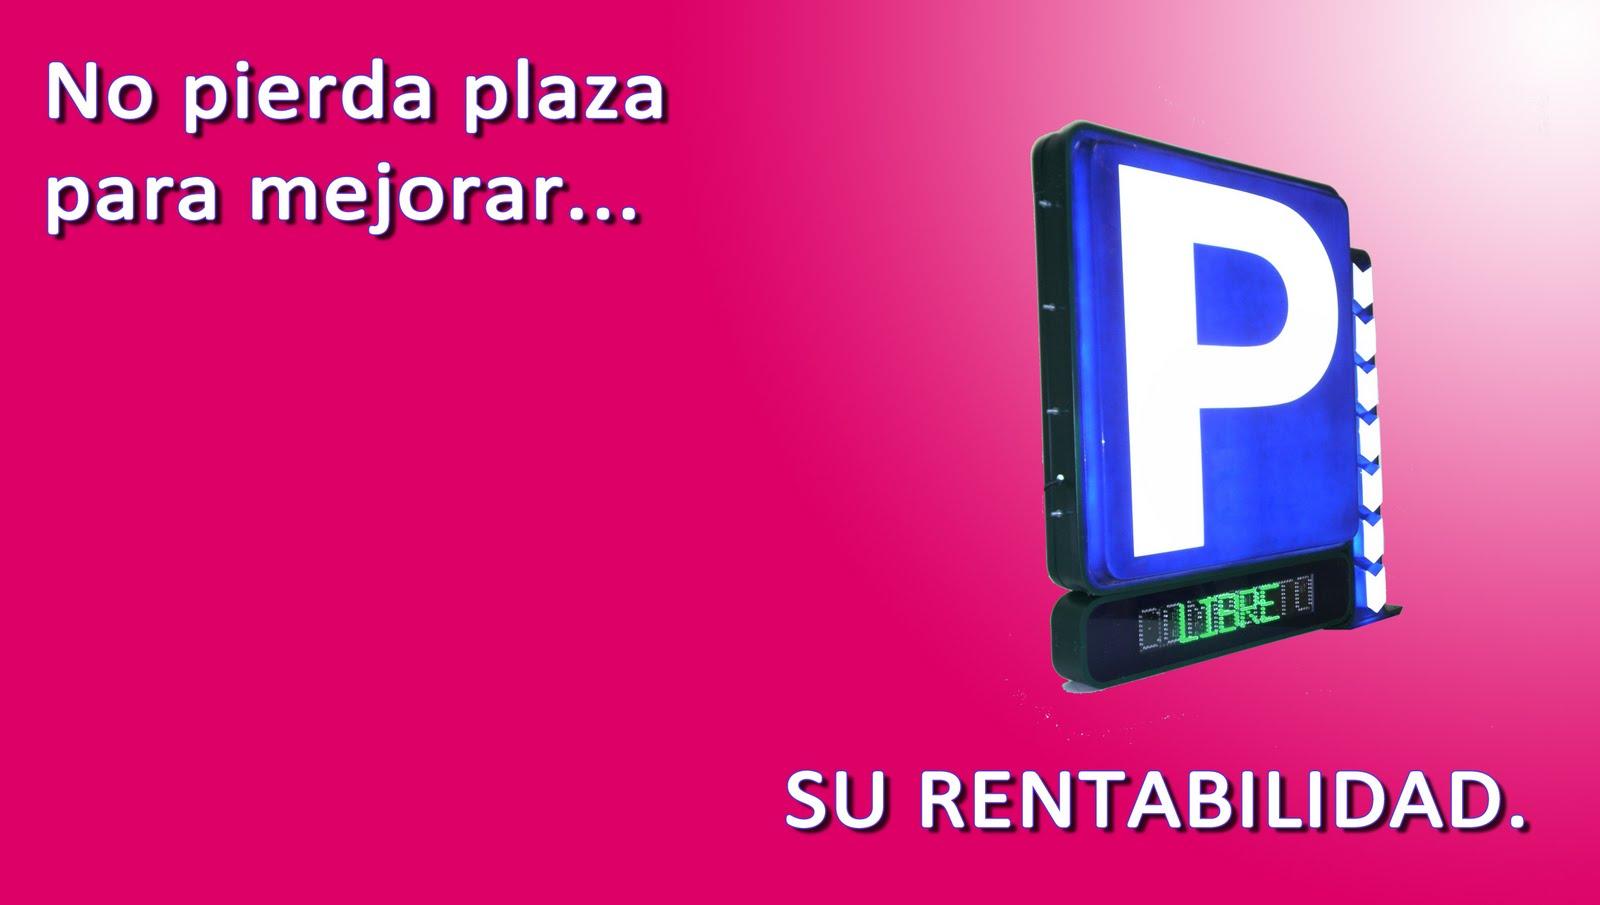 R tulos talaver n for Rentabilidad parking